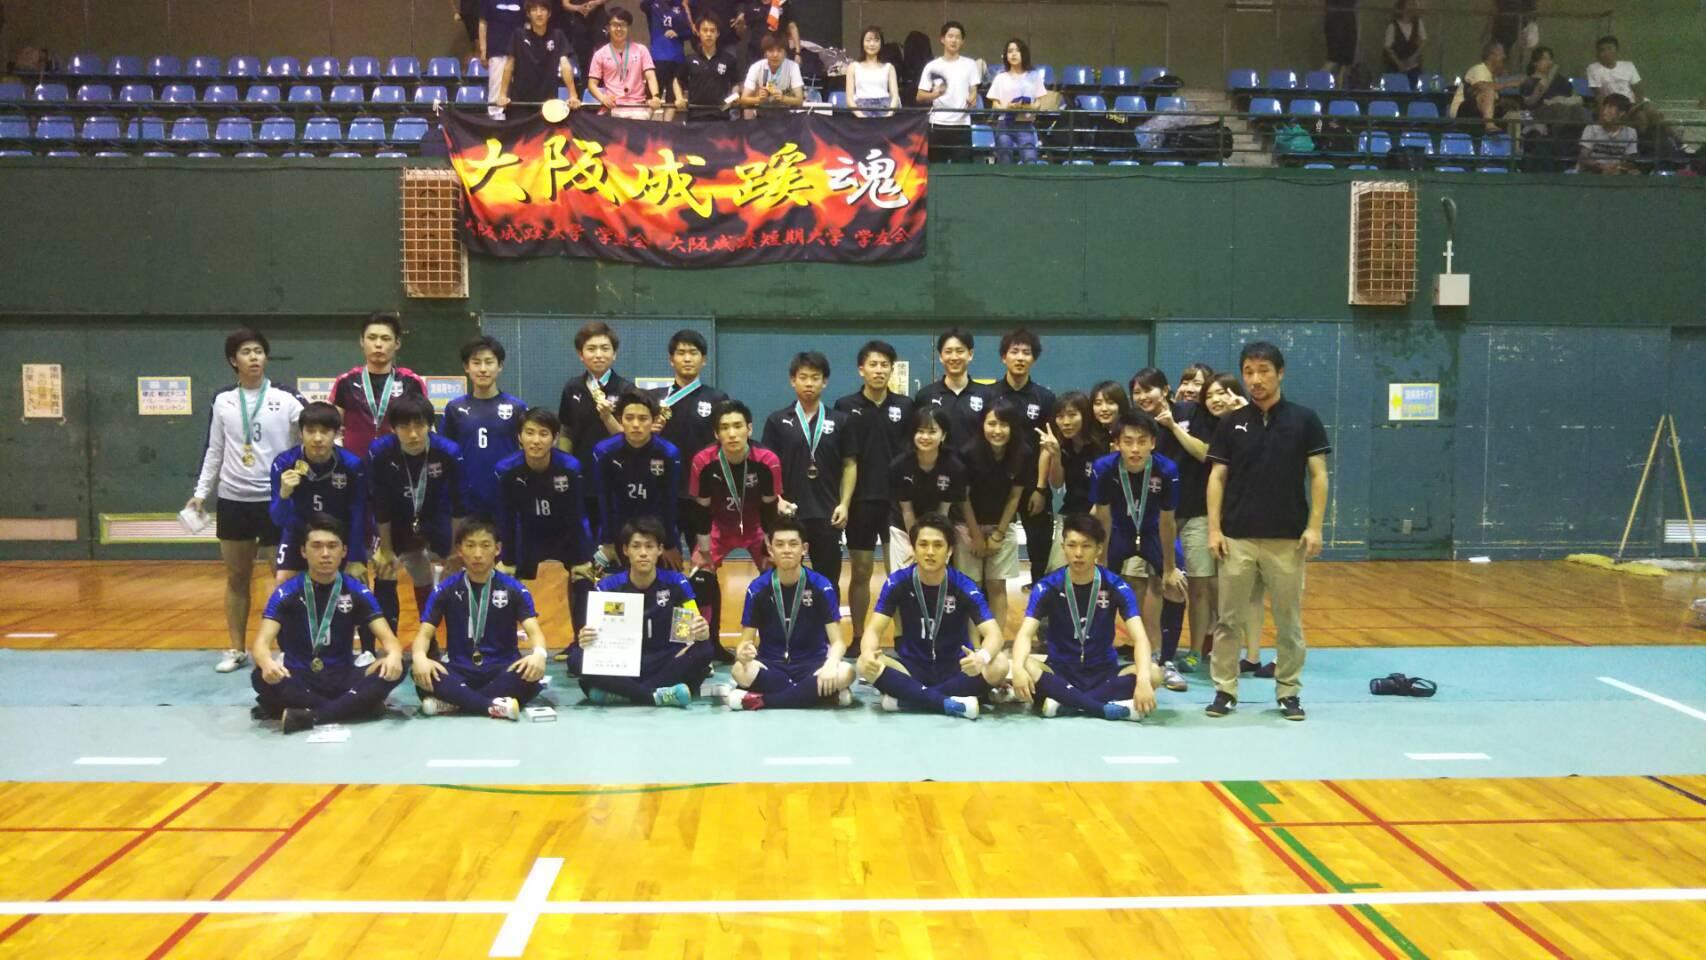 フットサル部 今年もインカレ出場決定 過去2年連続準優勝、初優勝目指しリベンジ -- 大阪成蹊大学